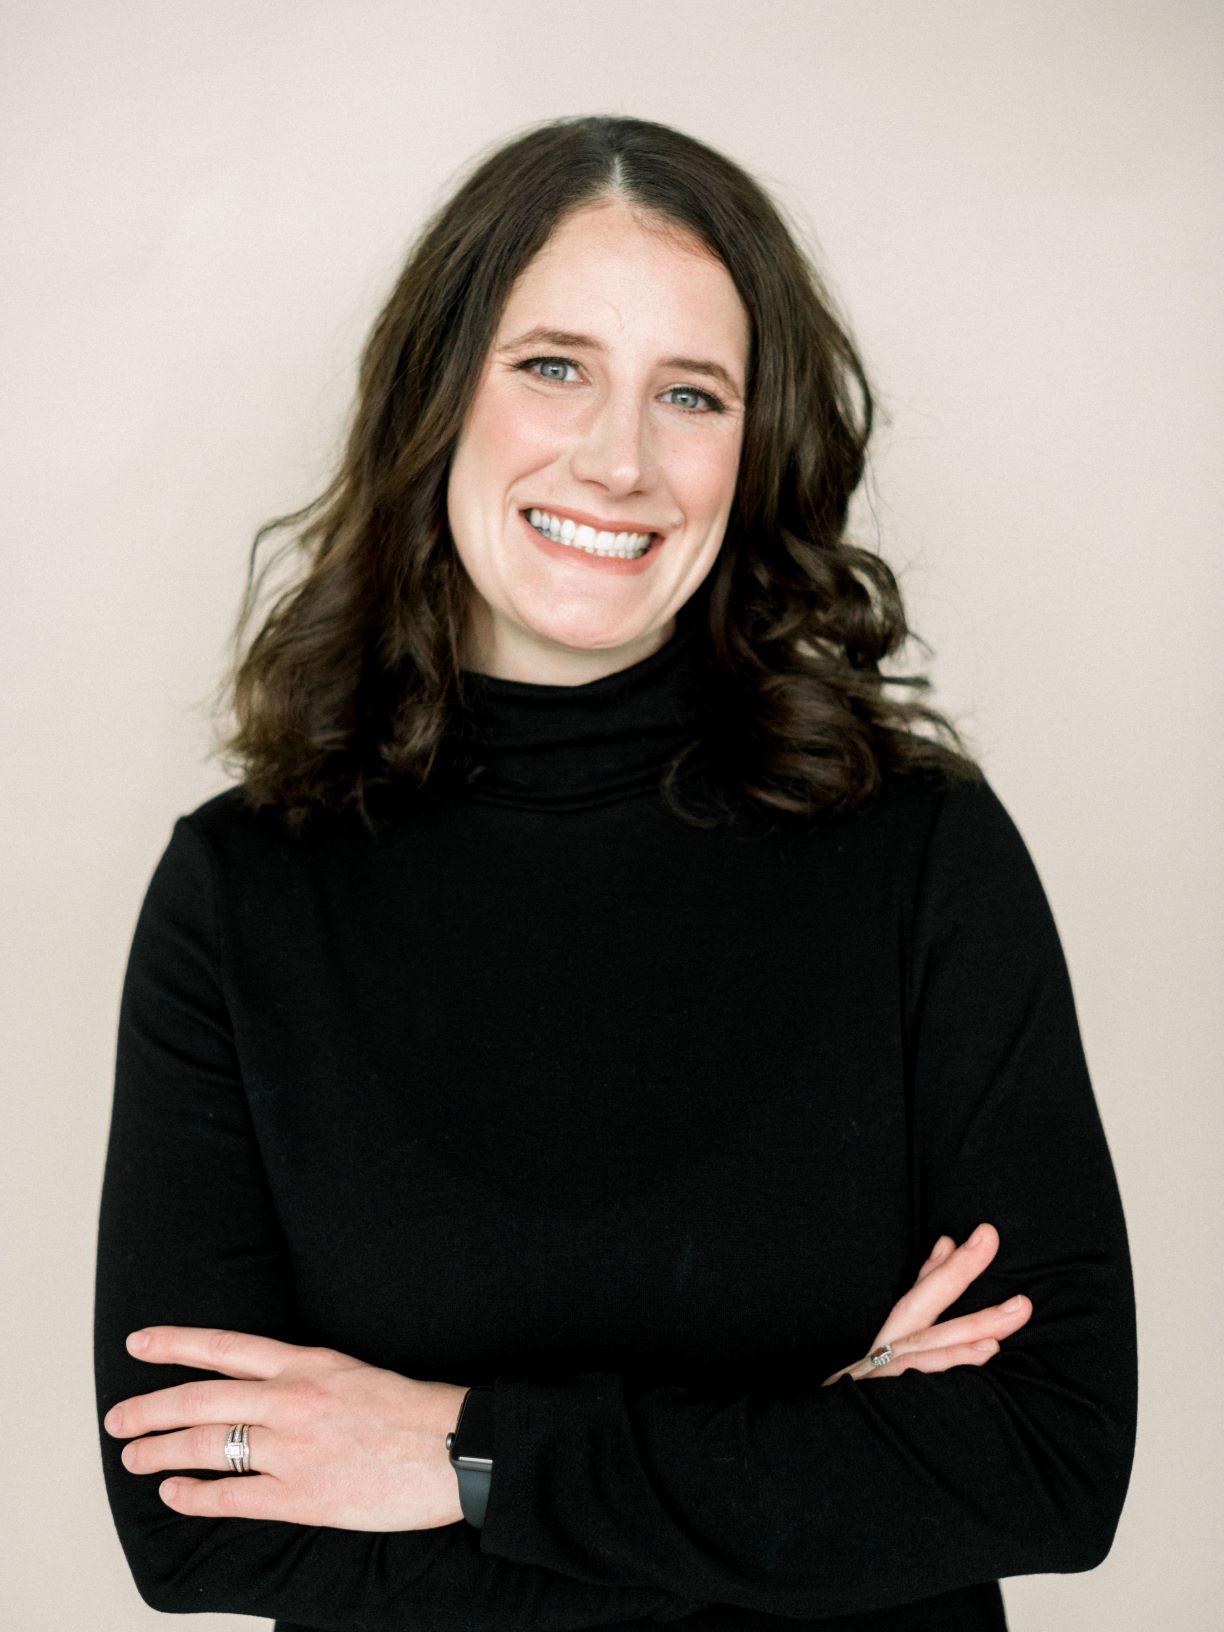 Kayla Fields